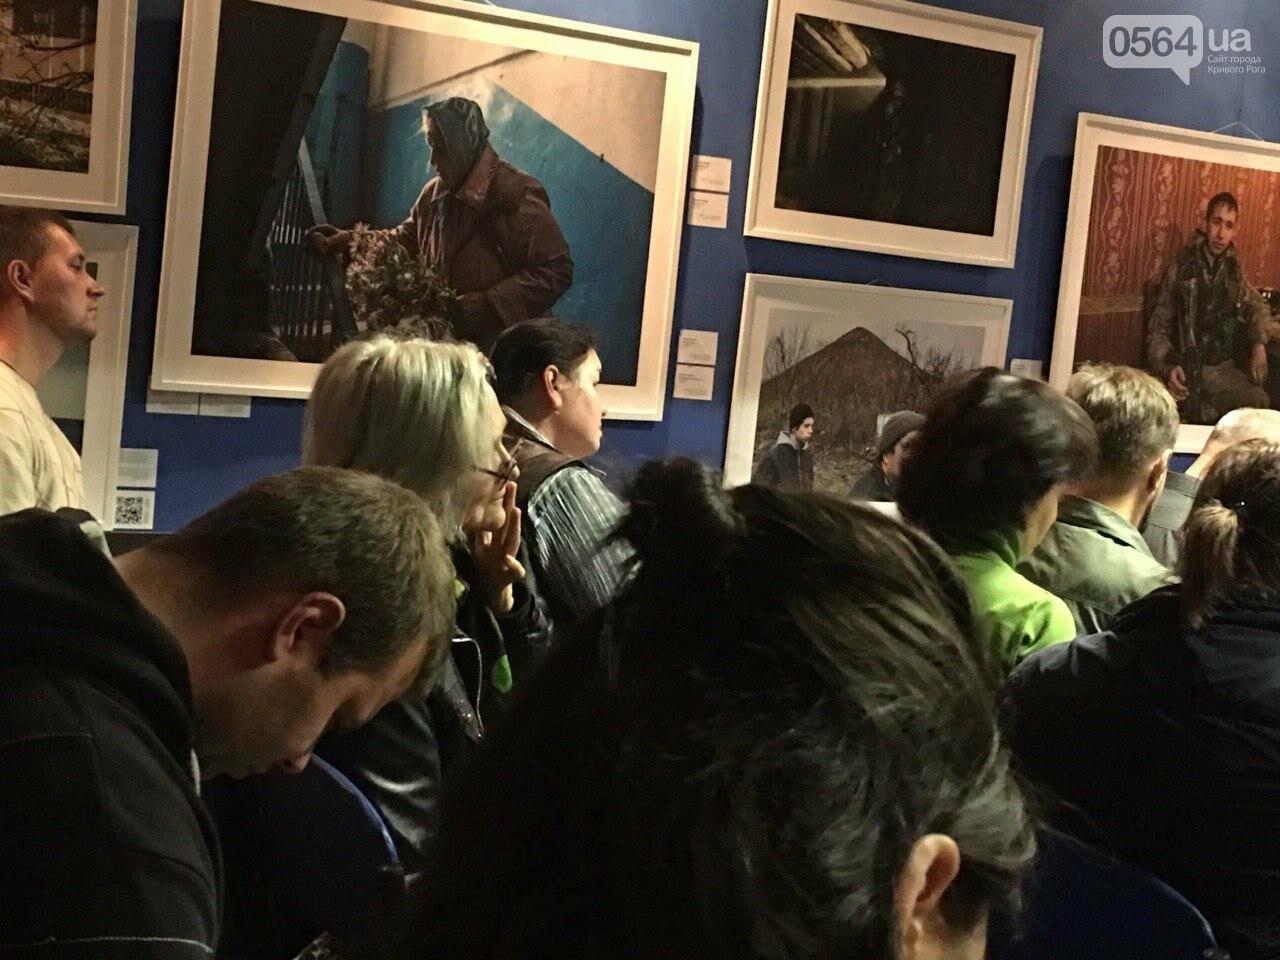 Криворожане проголосовали за лучшие короткометражные фильмы, показанные в рамках Манхеттенского фестиваля, - ФОТО, ВИДЕО , фото-11